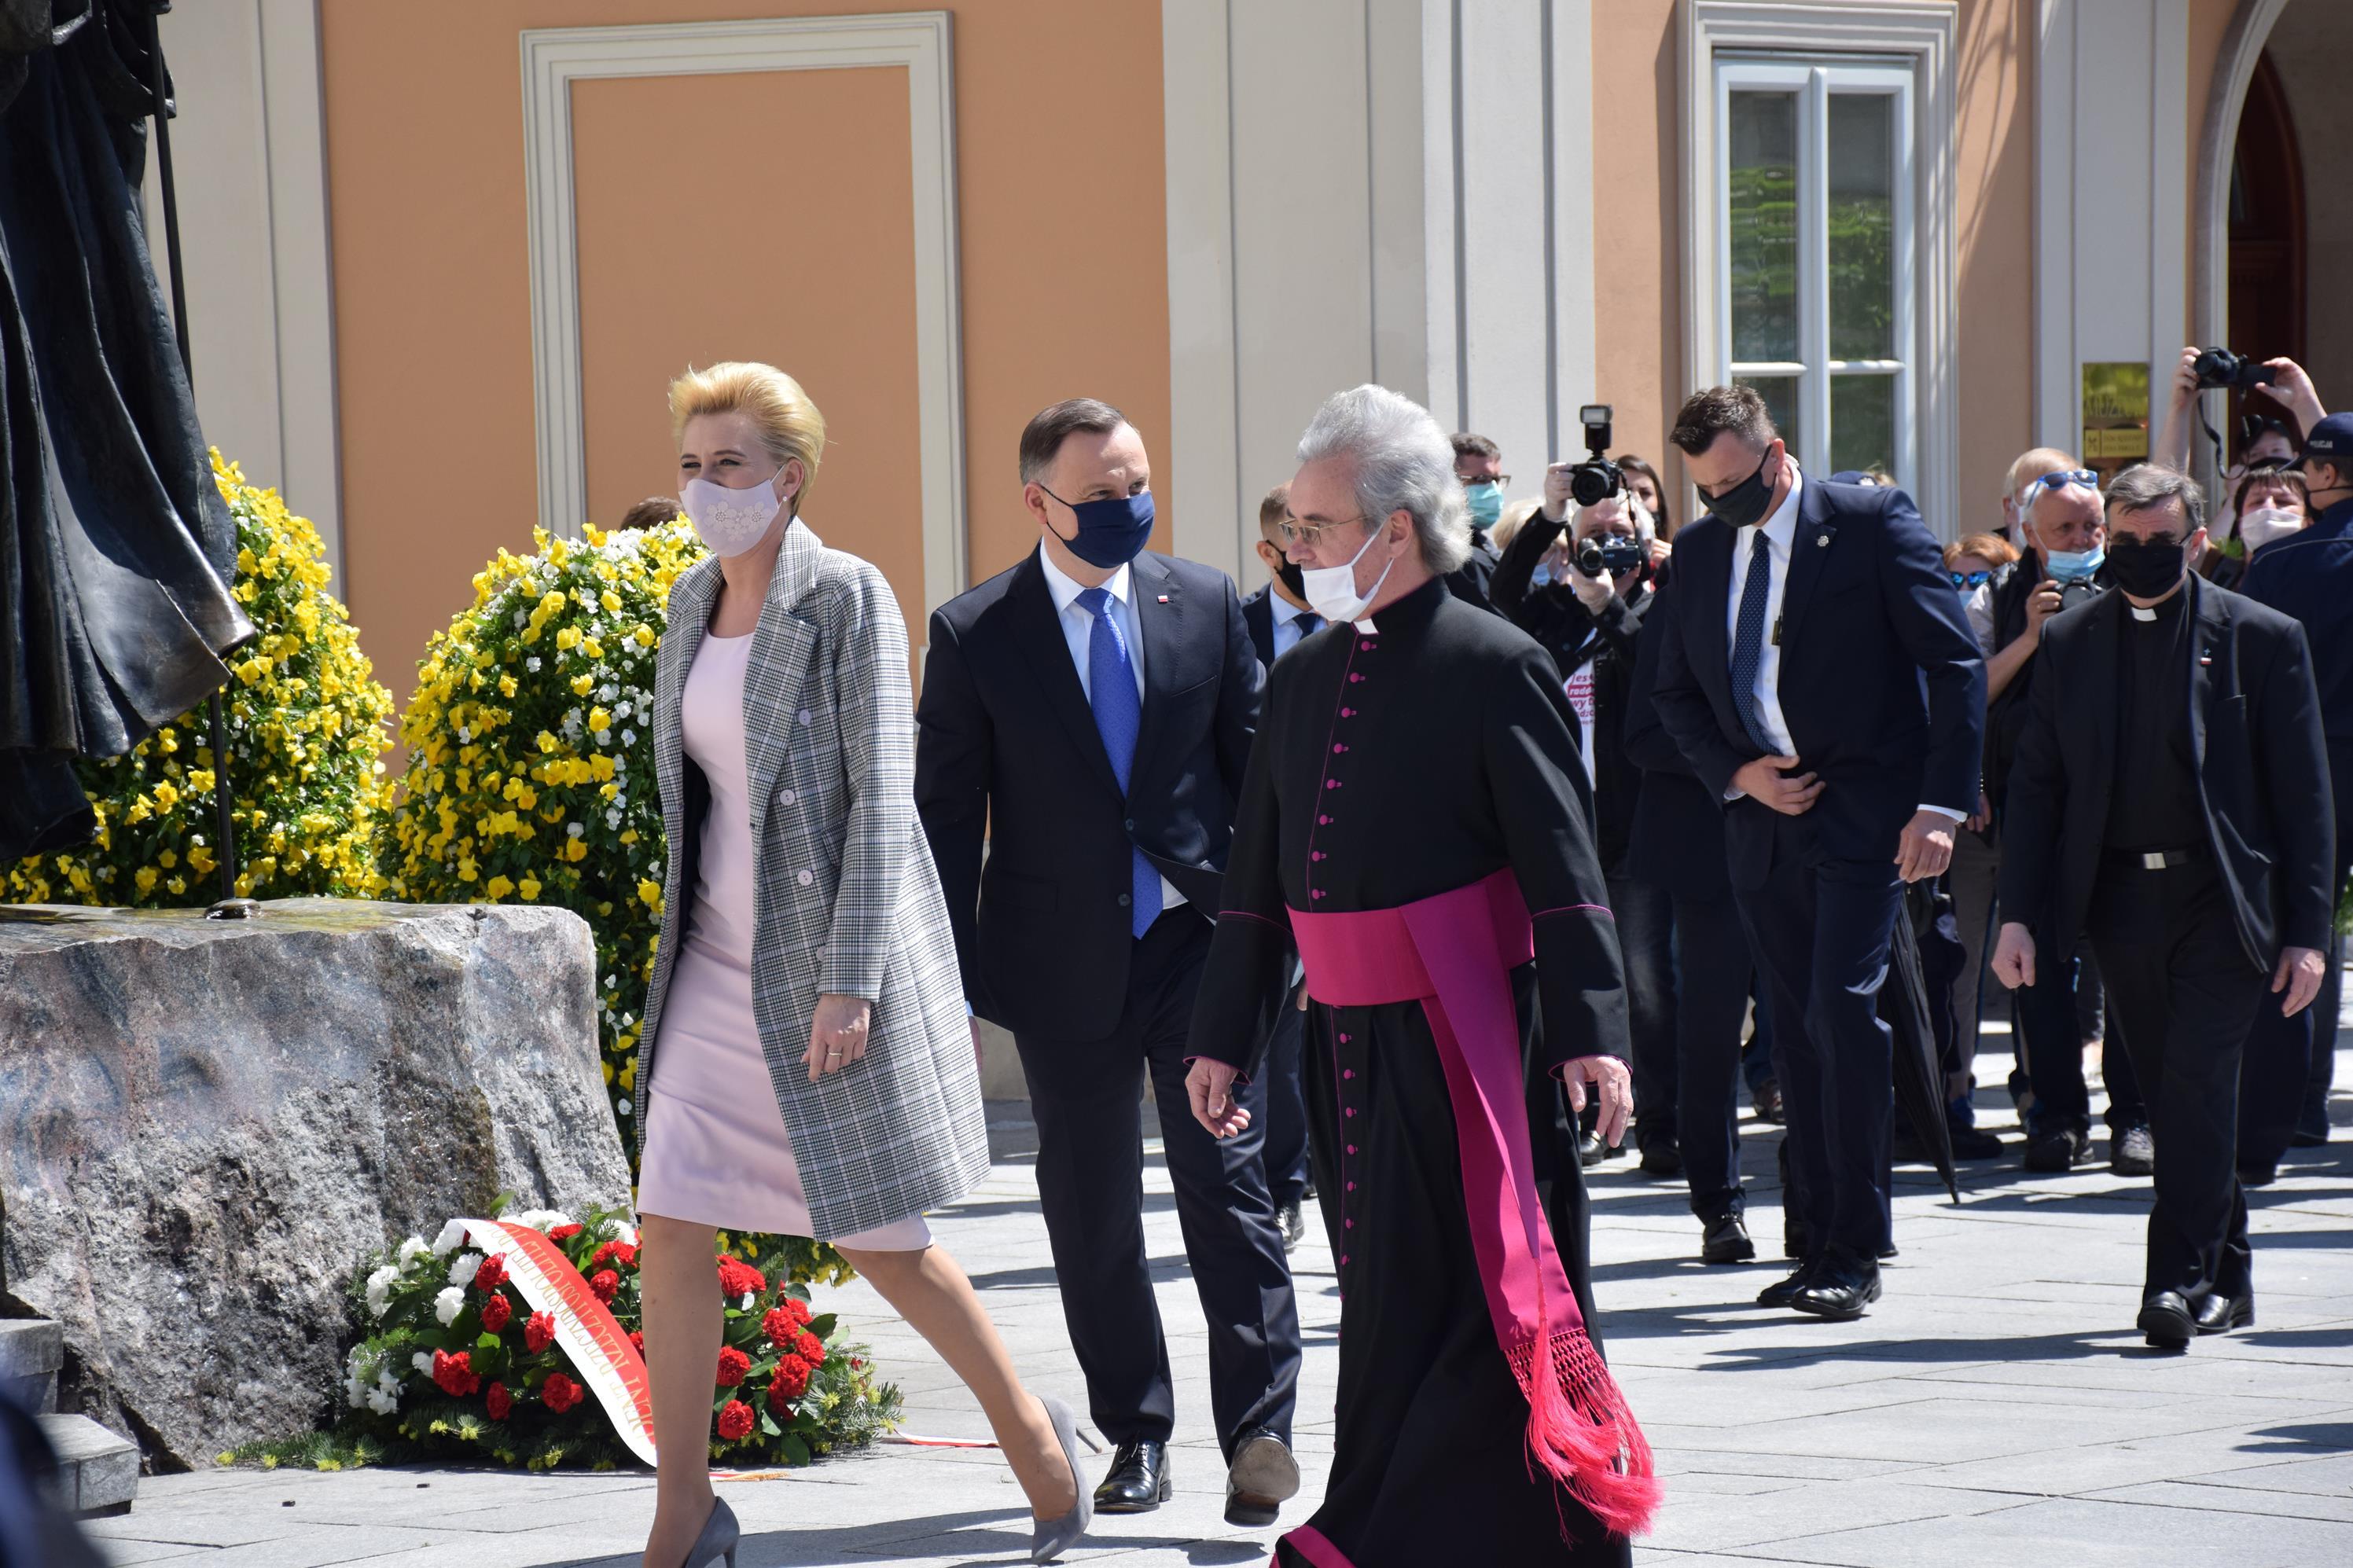 Prezydent Andrzej Duda w Wadowicach [FOTO] [AKTUALIZACJA]